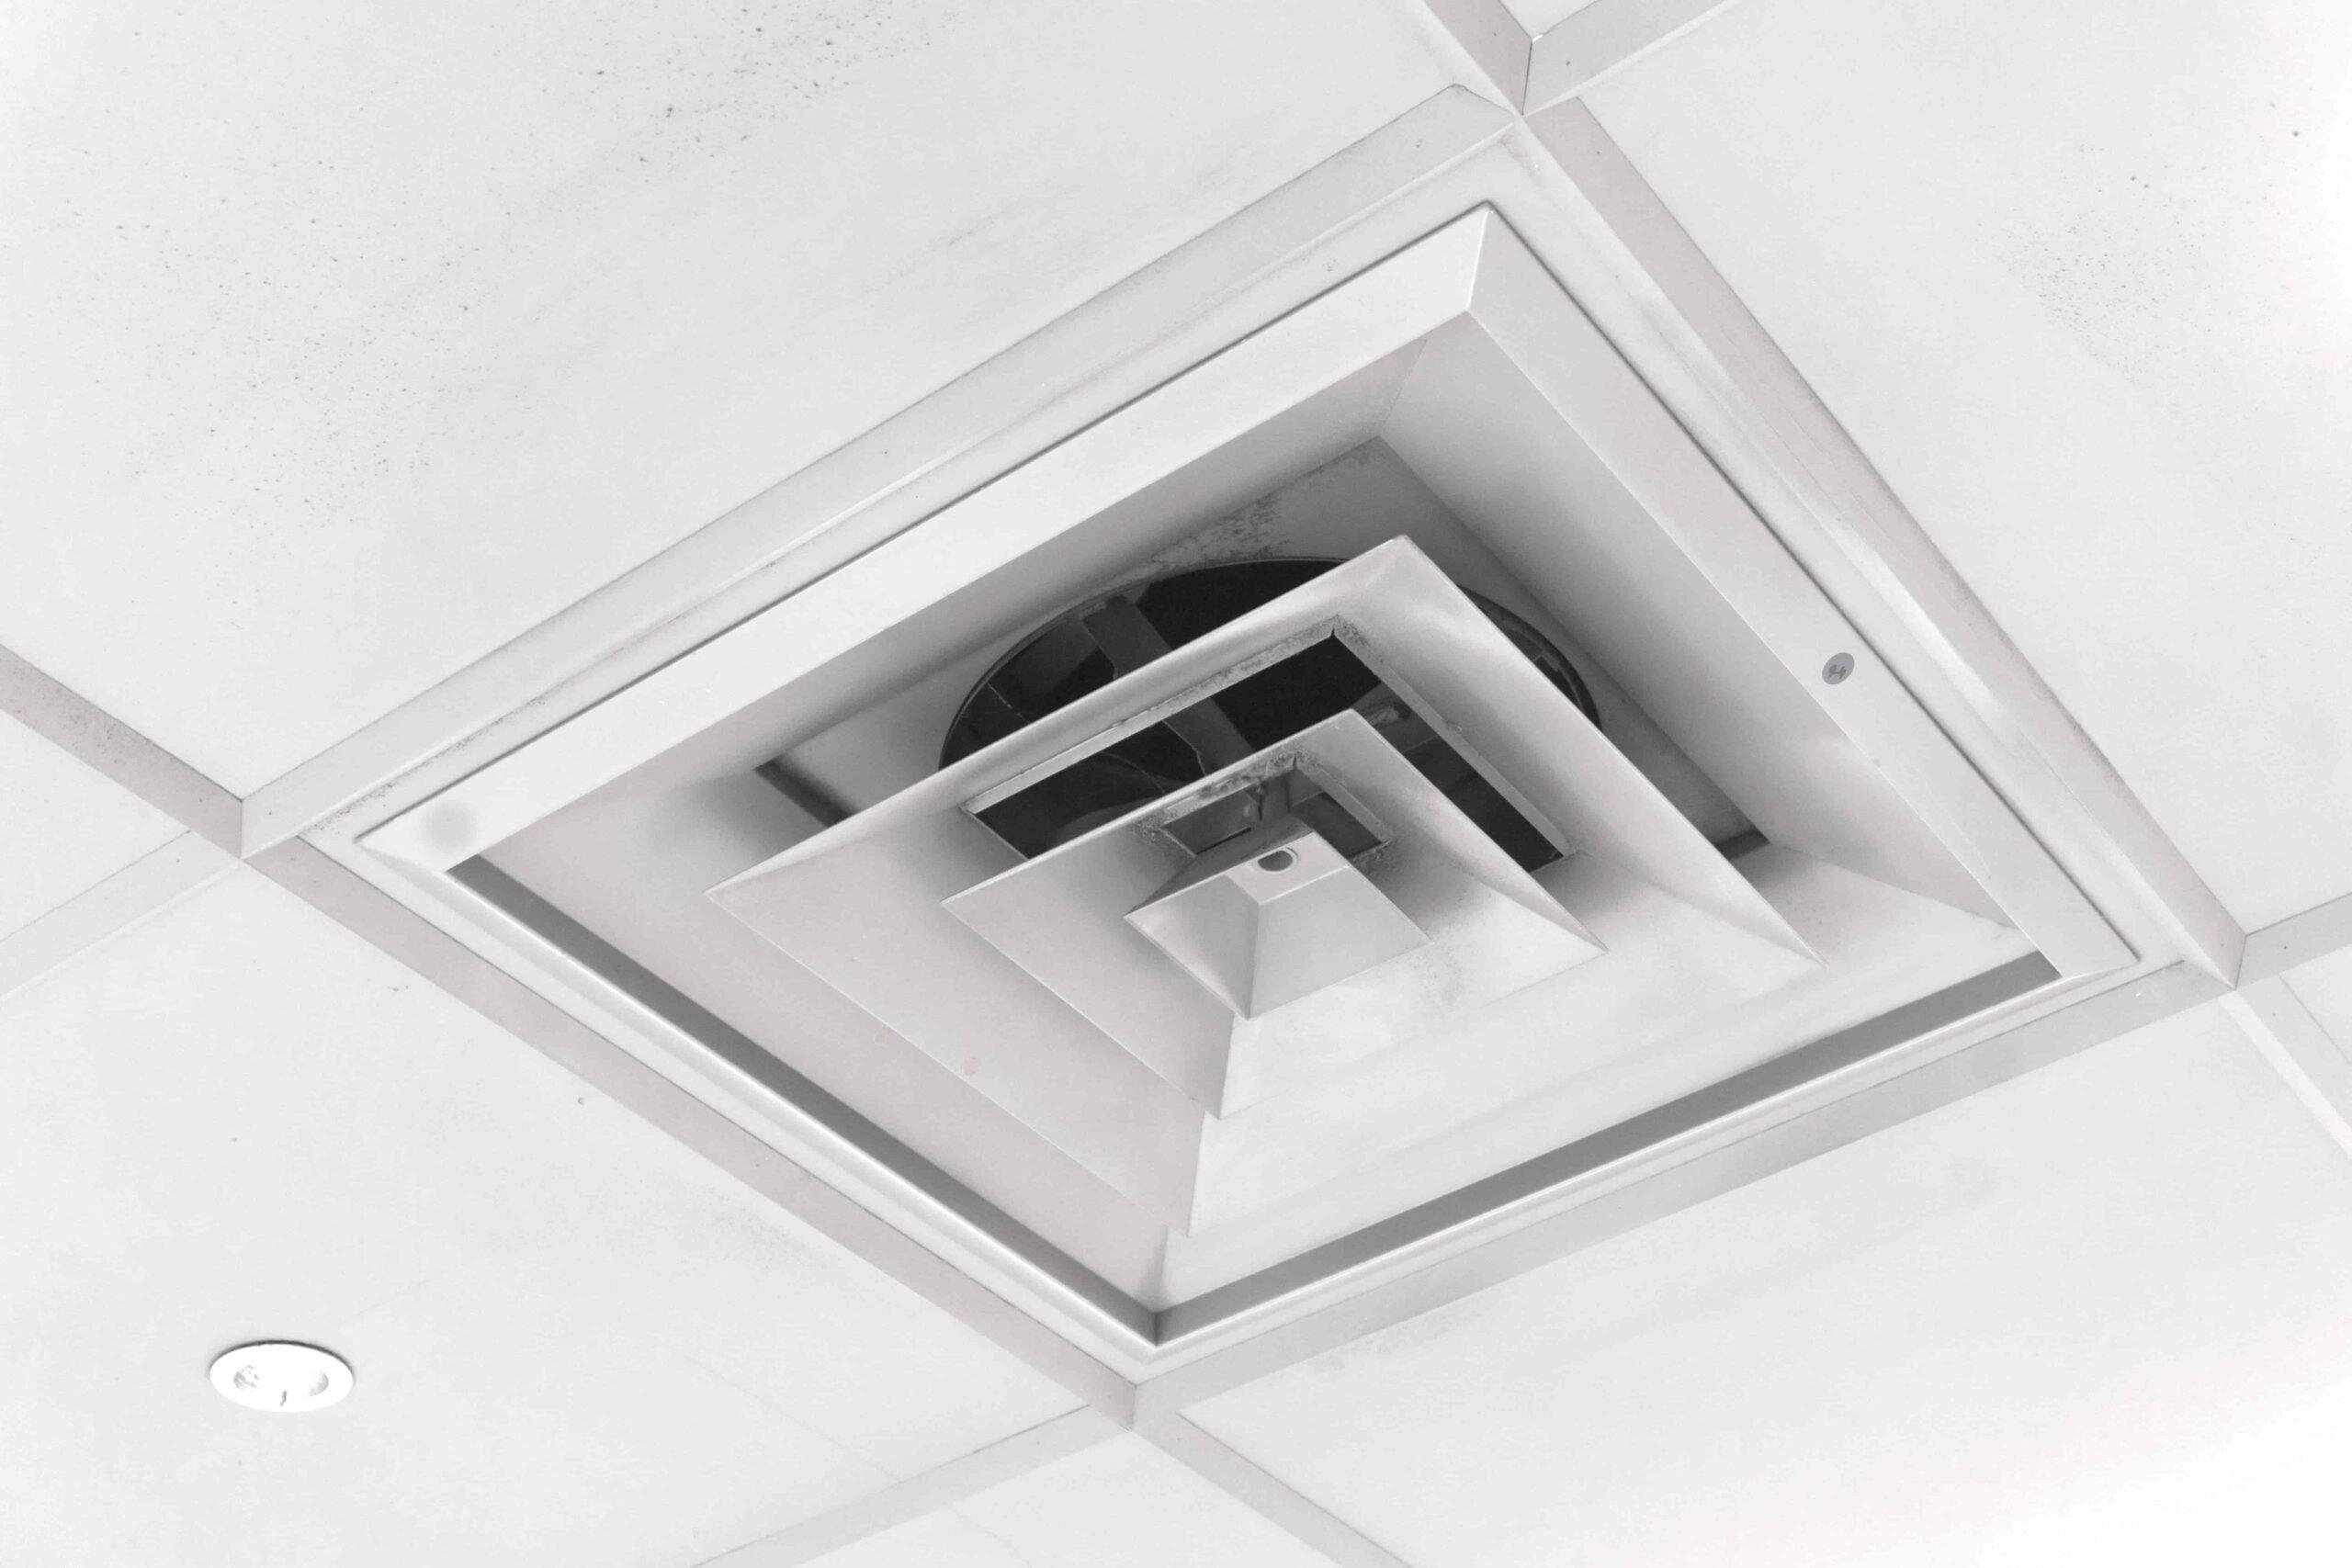 教室毎に高機能換気設備を導入すると